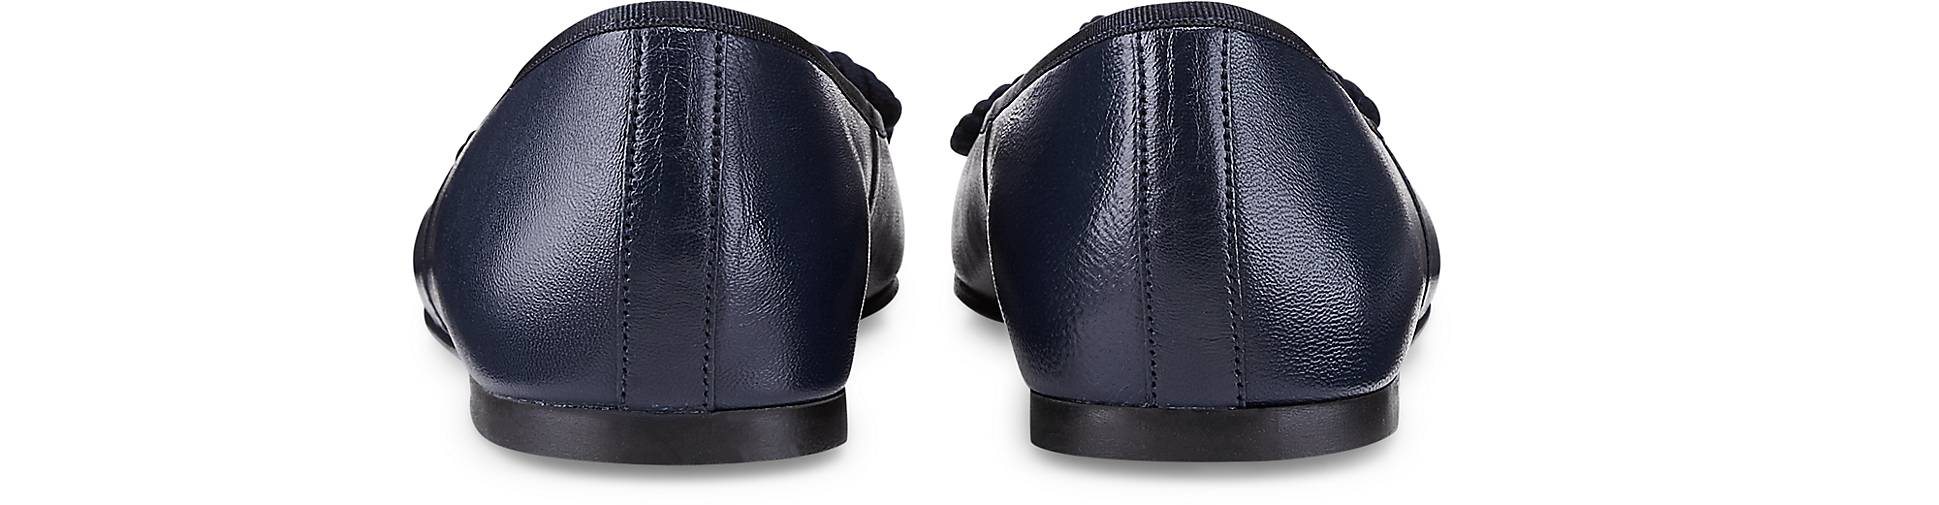 Pretty Ballerinas Ballerina ROSARIO in blau-dunkel GÖRTZ kaufen - 47323202   GÖRTZ blau-dunkel Gute Qualität beliebte Schuhe cc985f